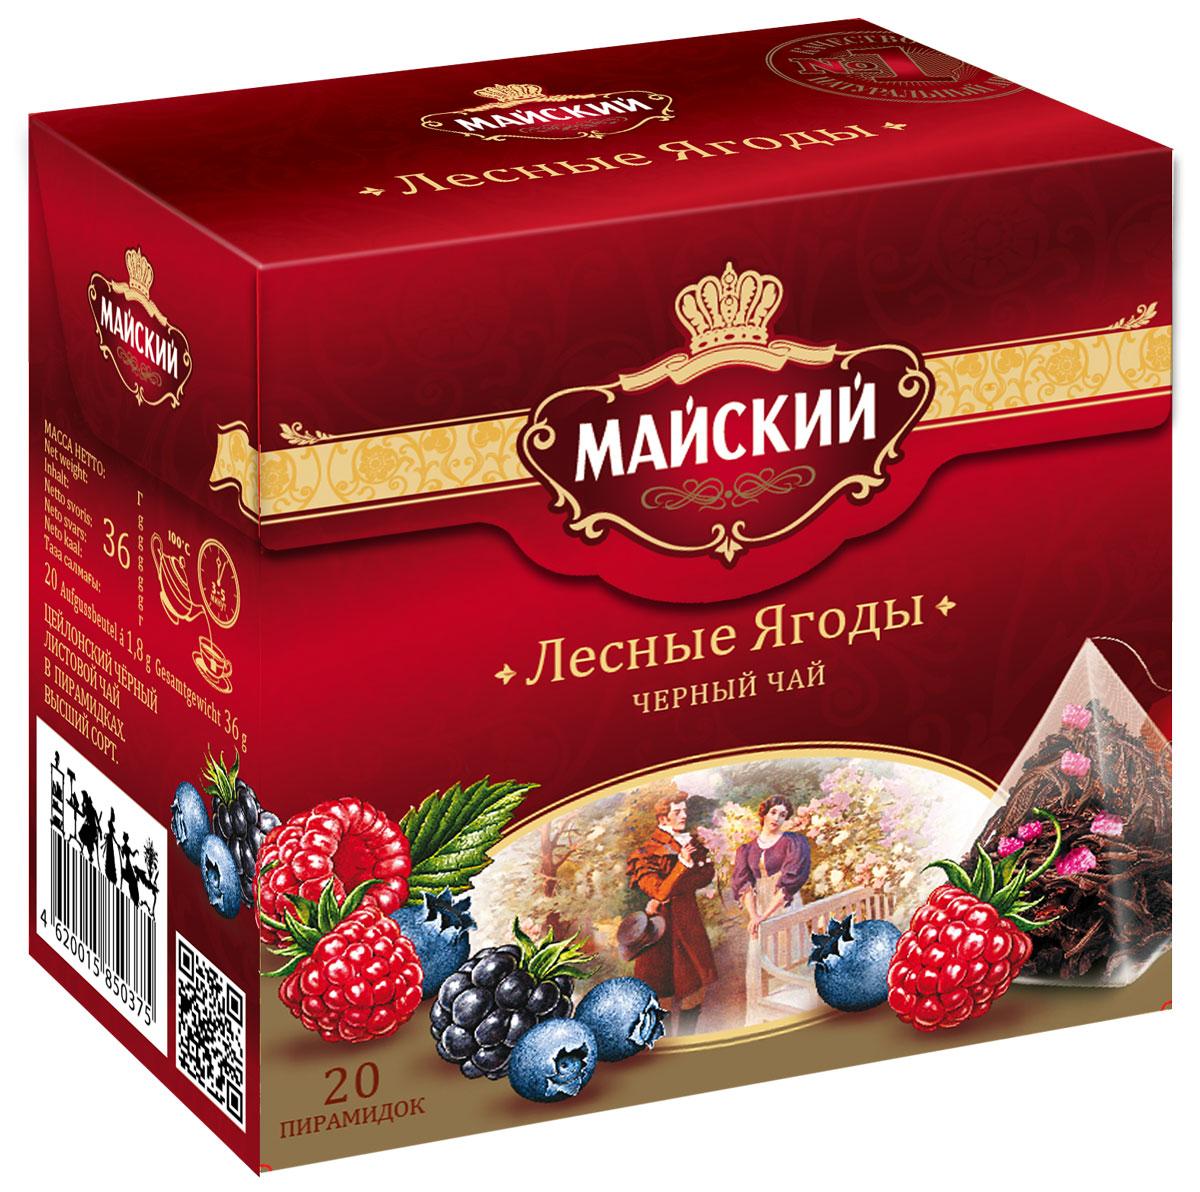 Майский Лесные ягоды черный чай в пирамидках, 20 шт newby masala chai черный листовой чай со специями в пирамидках 15 шт